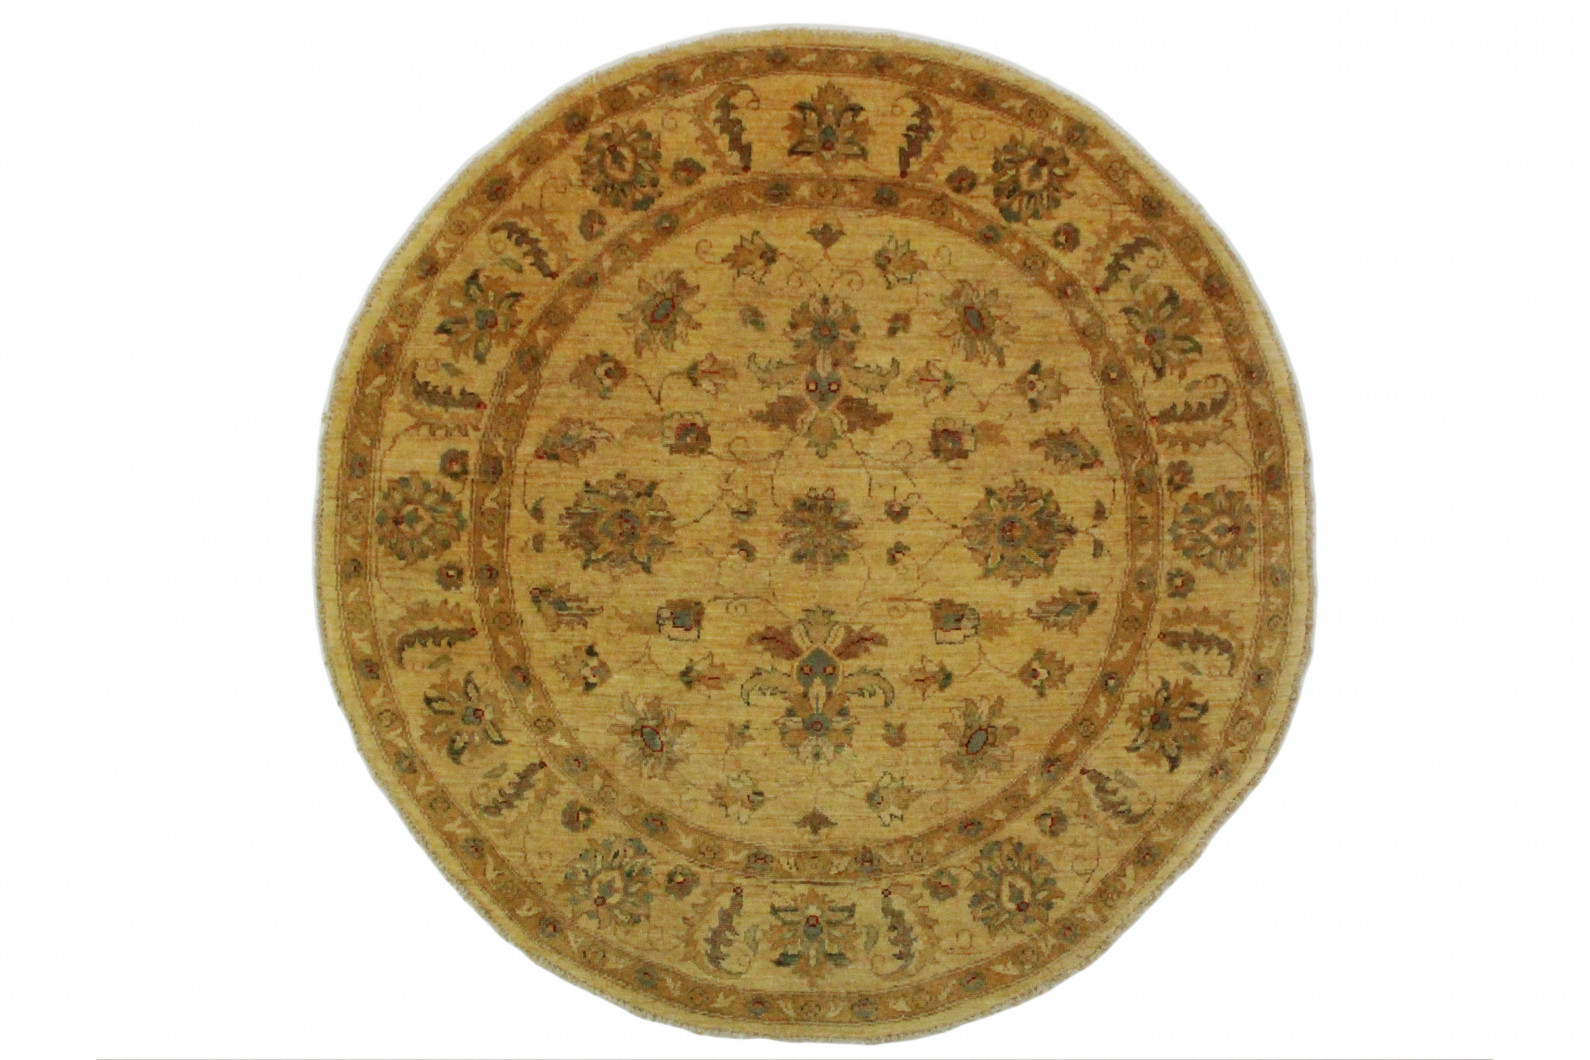 ziegler teppich rund beige braun in 150x150cm 5001 692 bei kaufen. Black Bedroom Furniture Sets. Home Design Ideas